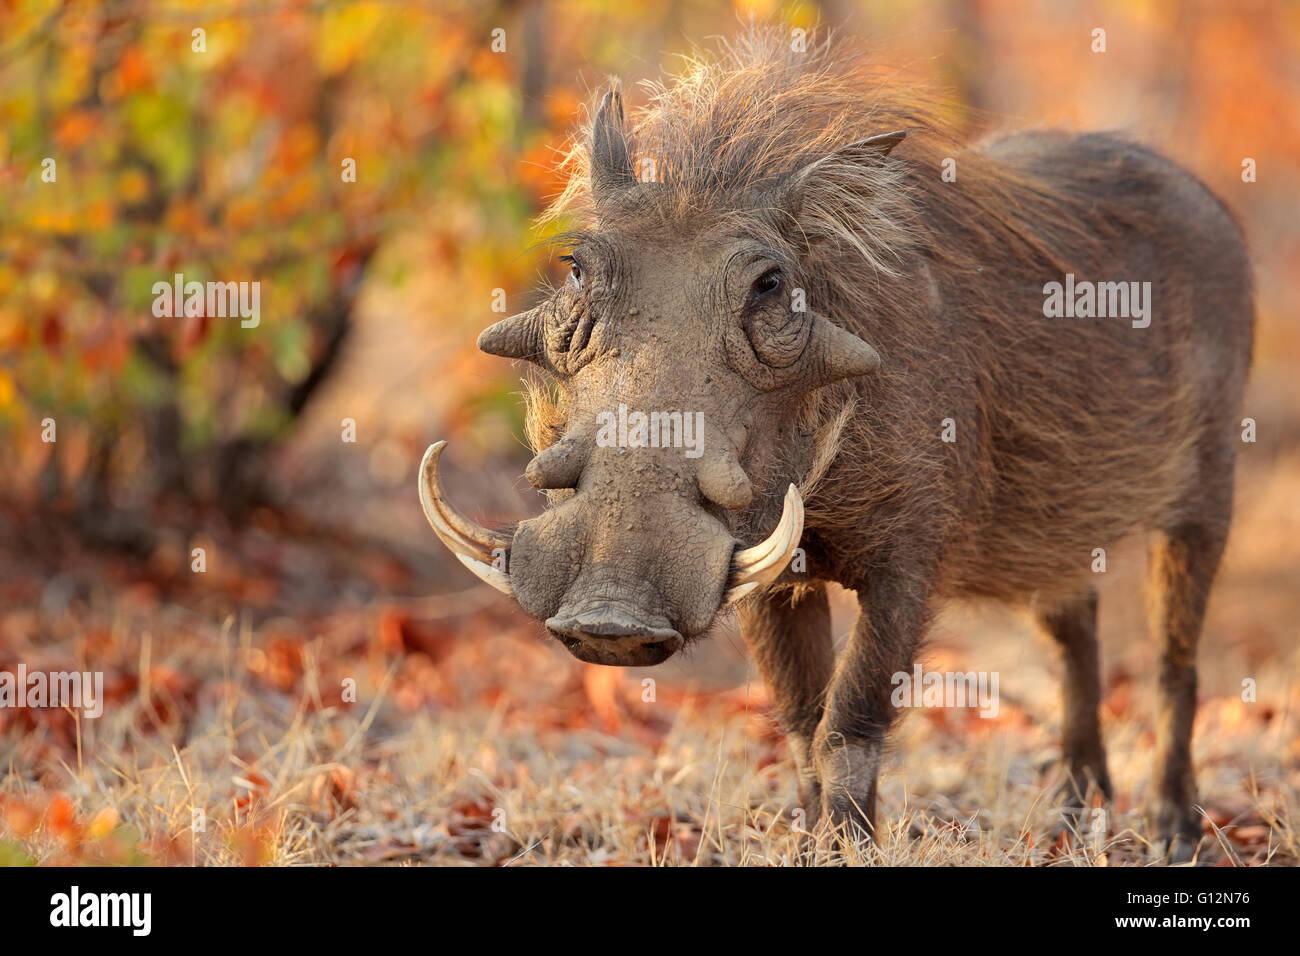 Warzenschwein (Phacochoerus Africanus) im natürlichen Lebensraum, Krüger Nationalpark, Südafrika Stockbild